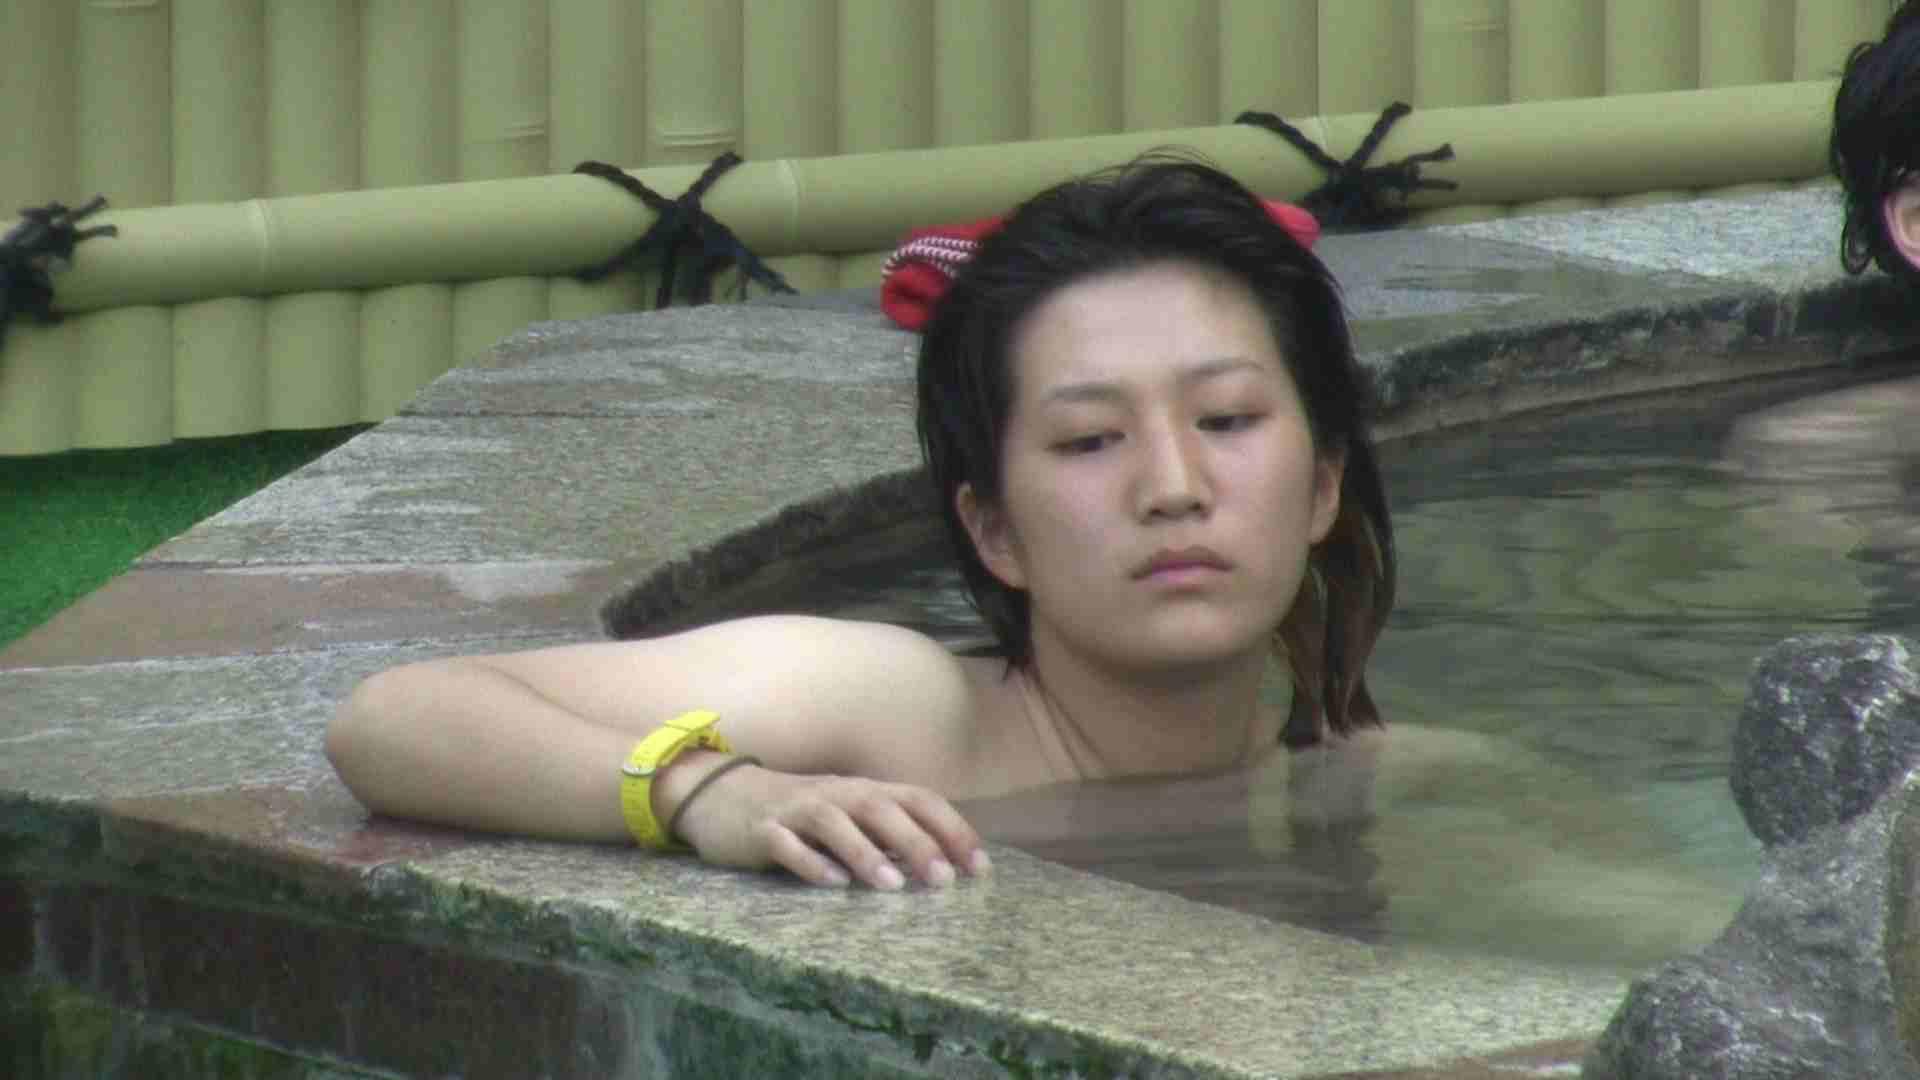 Aquaな露天風呂Vol.132 露天 | 盗撮特集  100画像 14